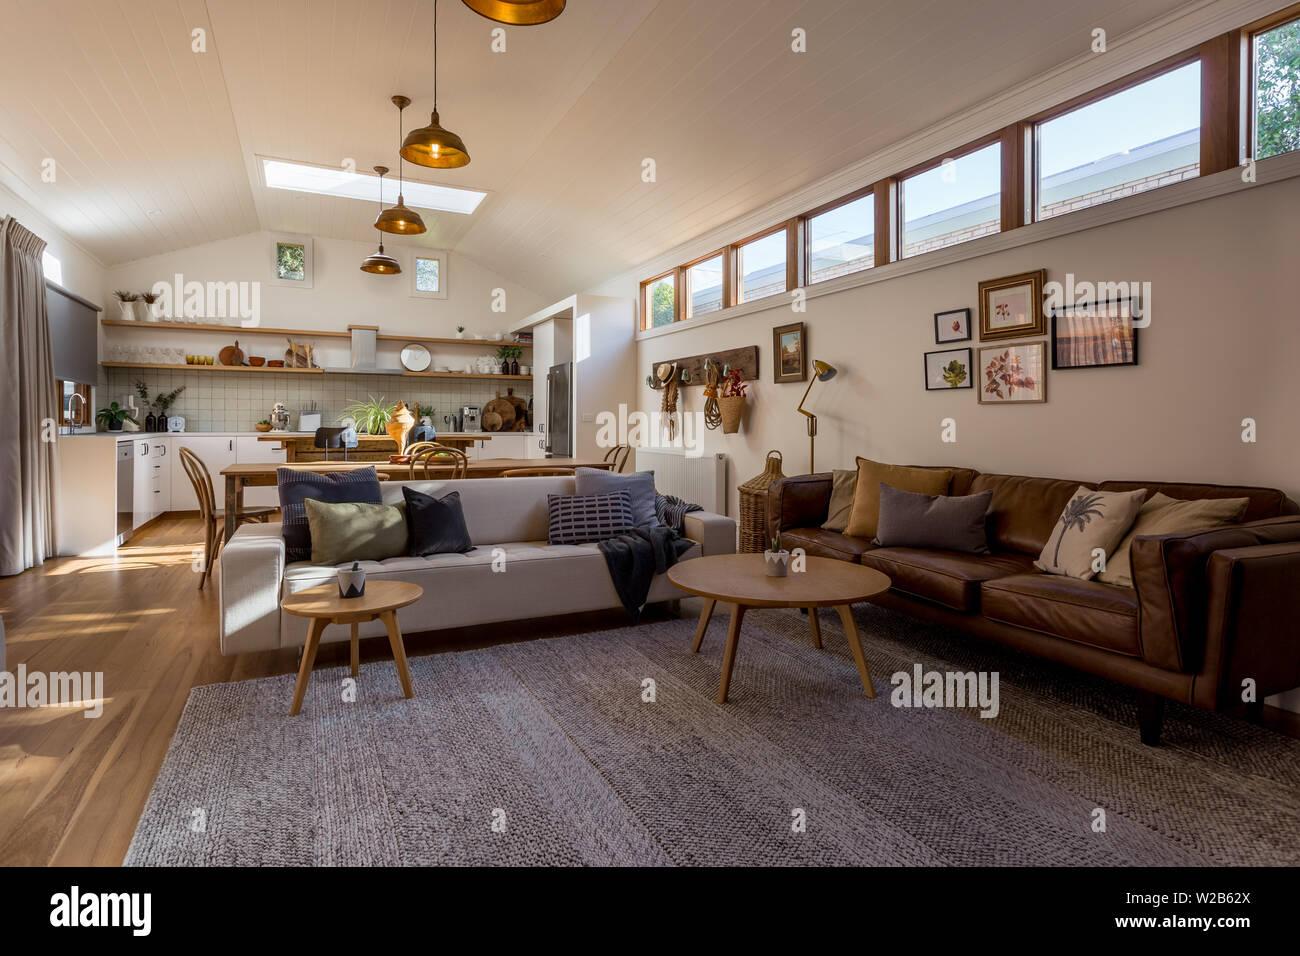 Wohnzimmer Esszimmer Und Kuche In Einem Land Mit Einer Gewolbten Decke Und Markieren Sie Windows Offnen Stockfotografie Alamy